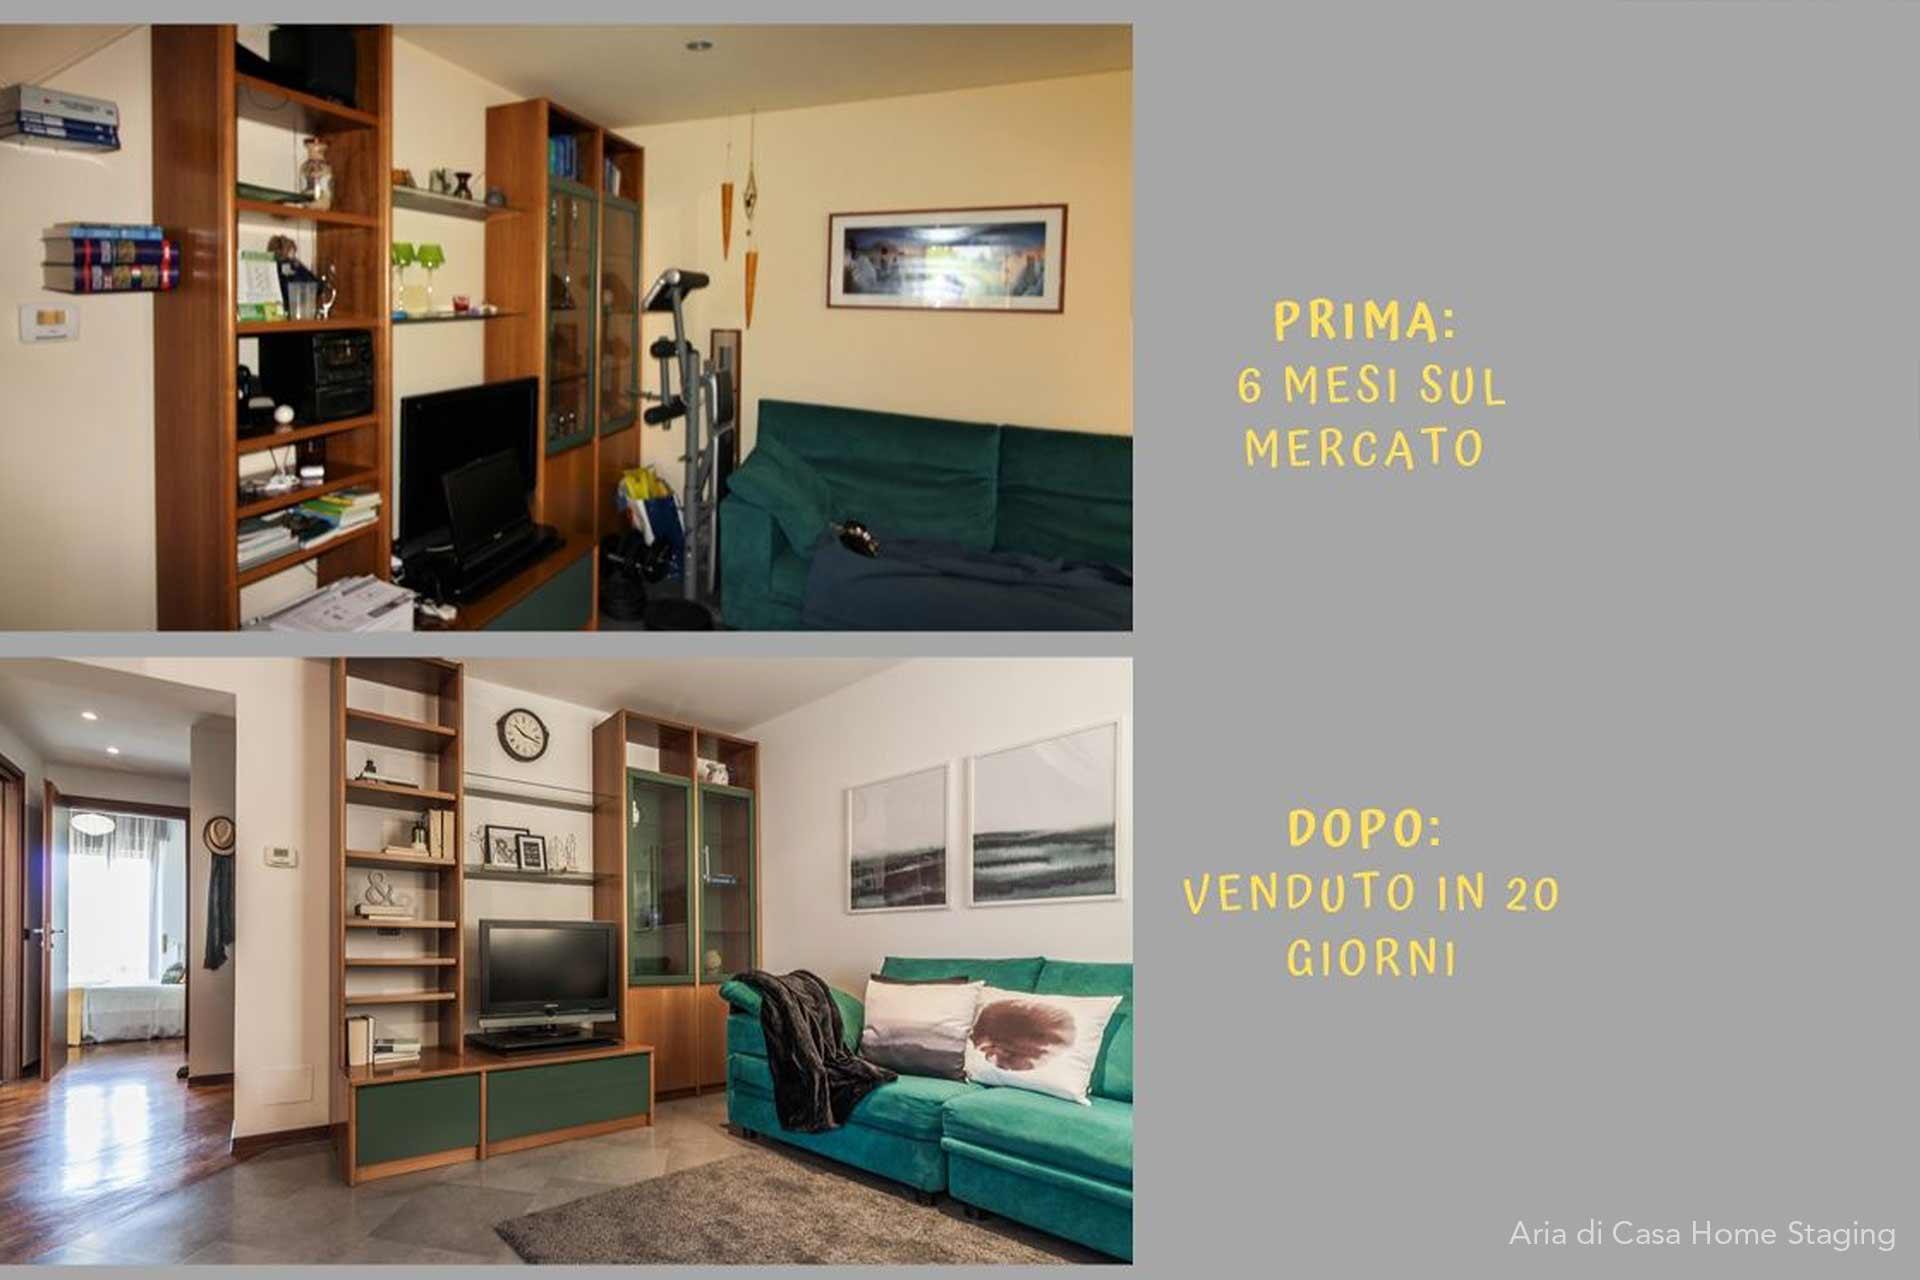 Aria di Casa Home Staging: case history di un home staging di successo.